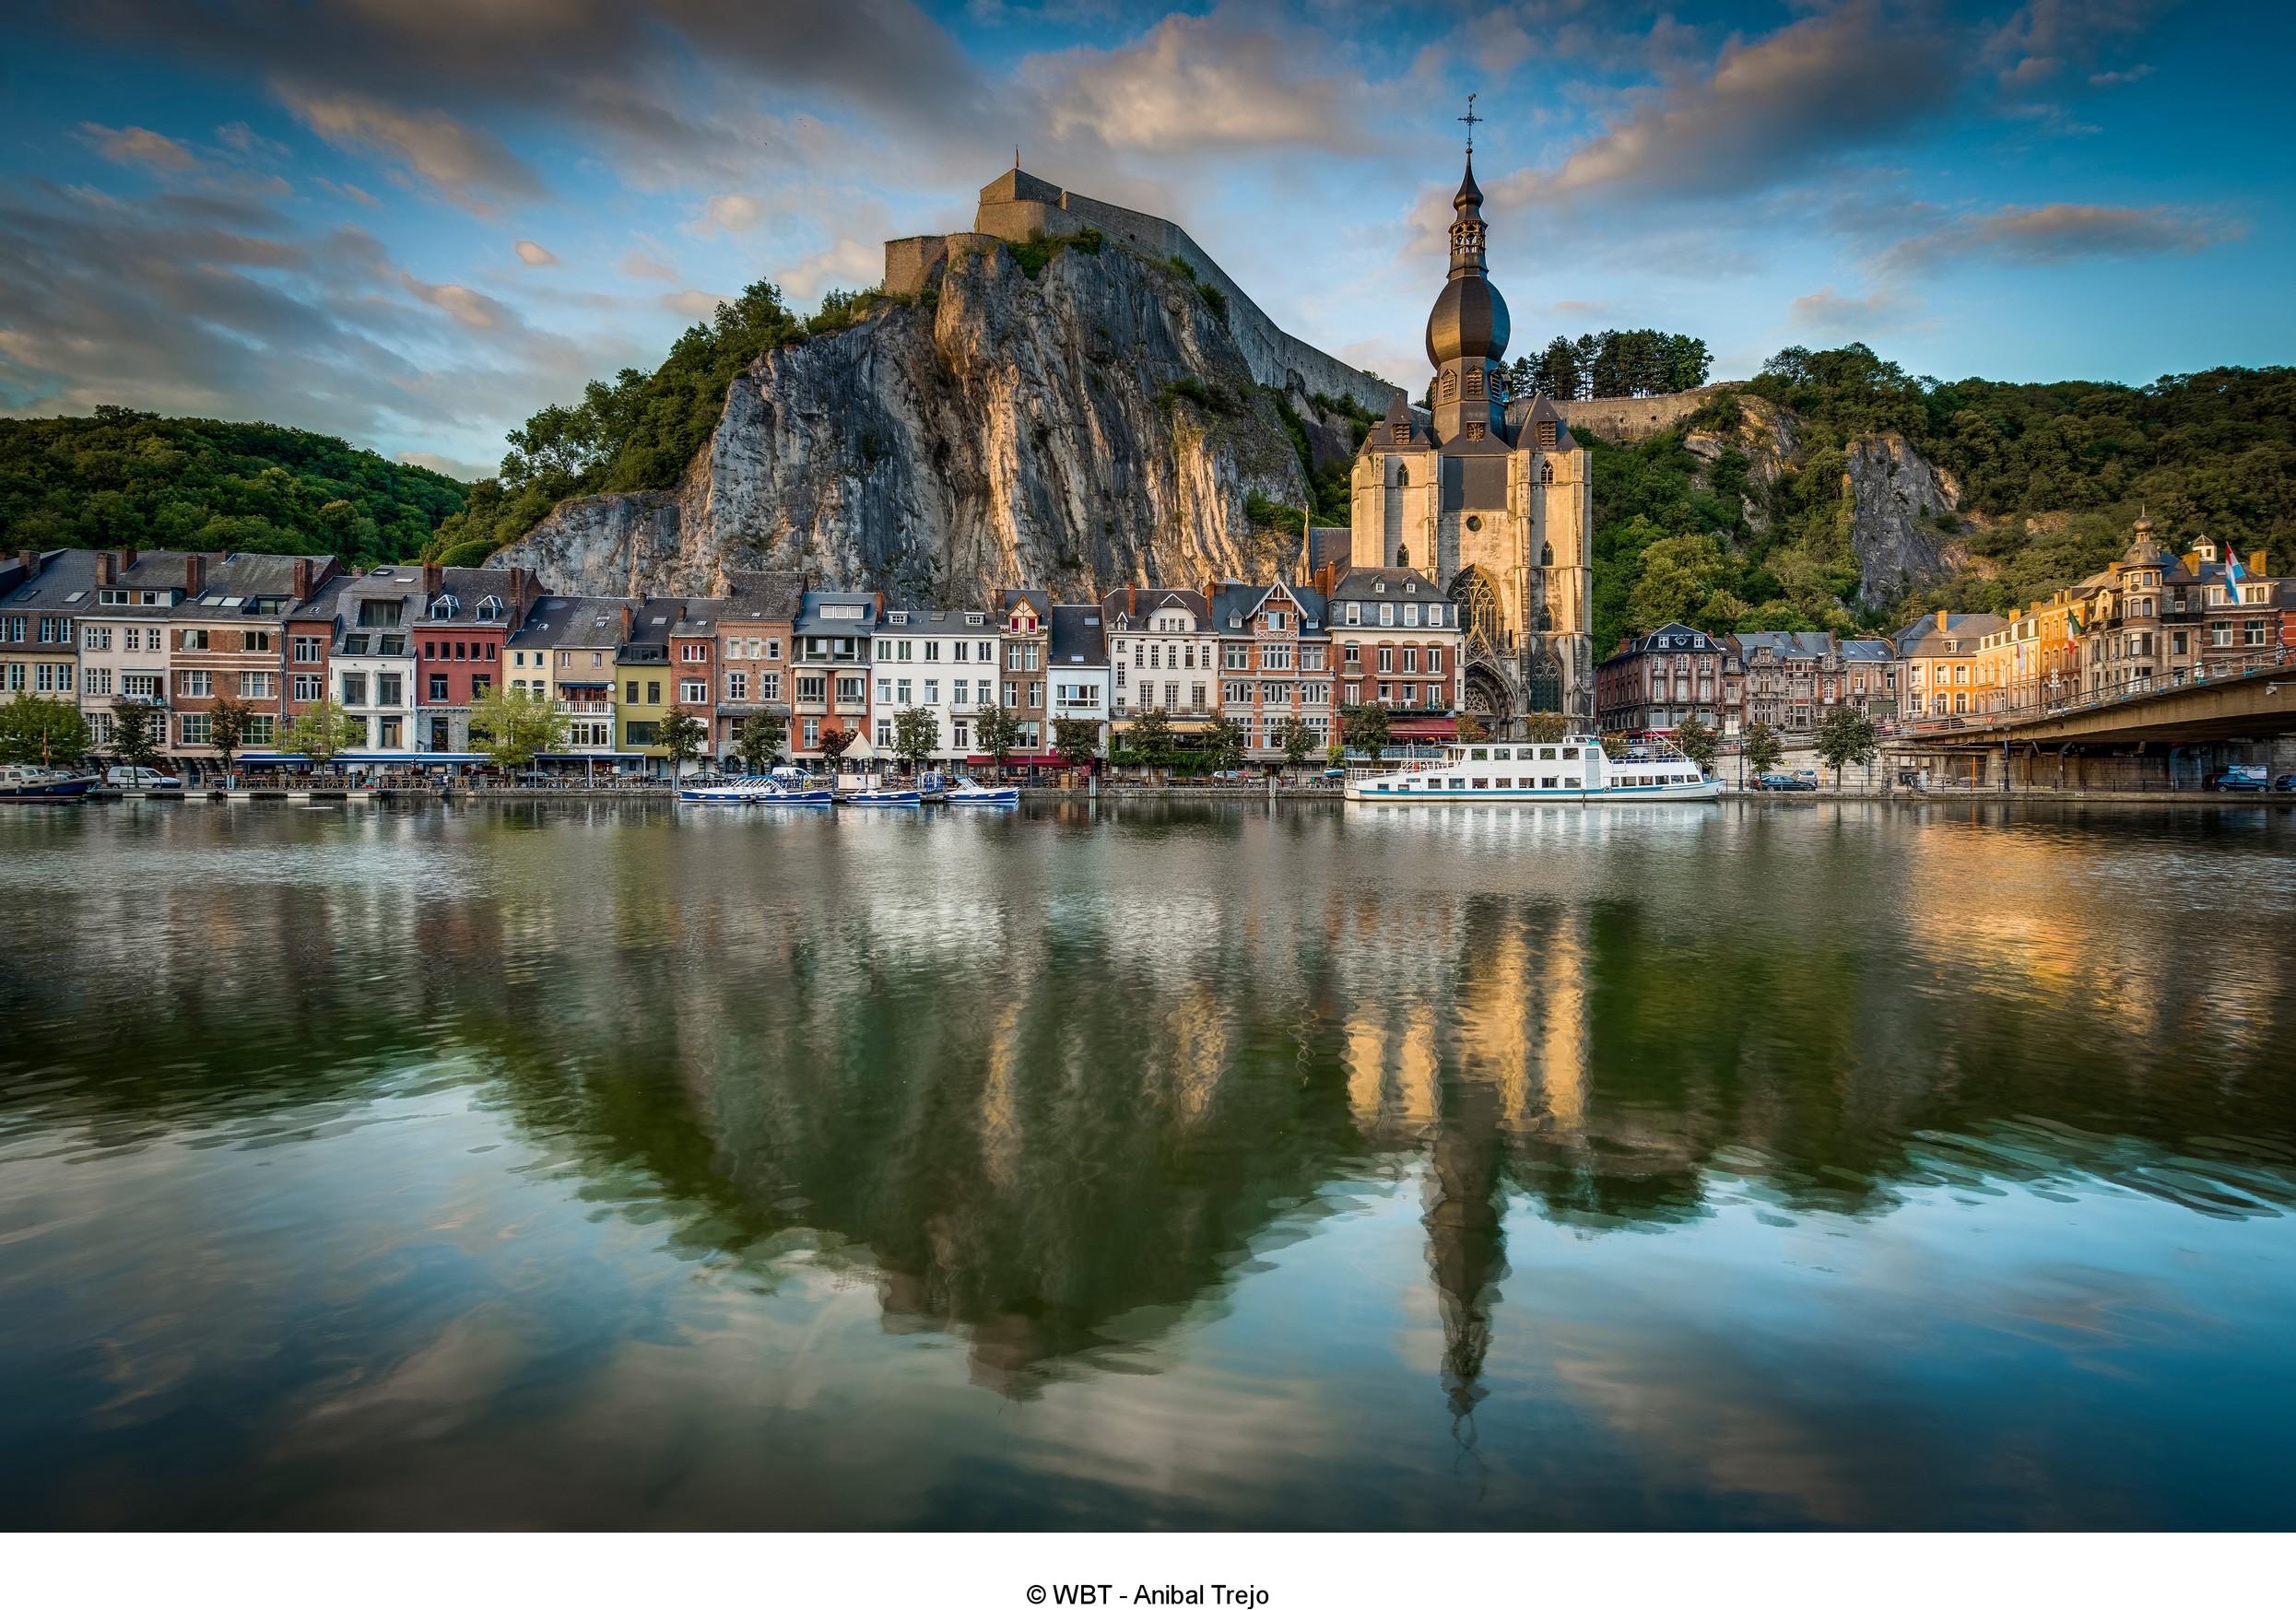 Belgium-Wallonia-Dinant-Meuse-Citadelle-Collegiale-Notre-dame_cWBT-AnibalTrejo